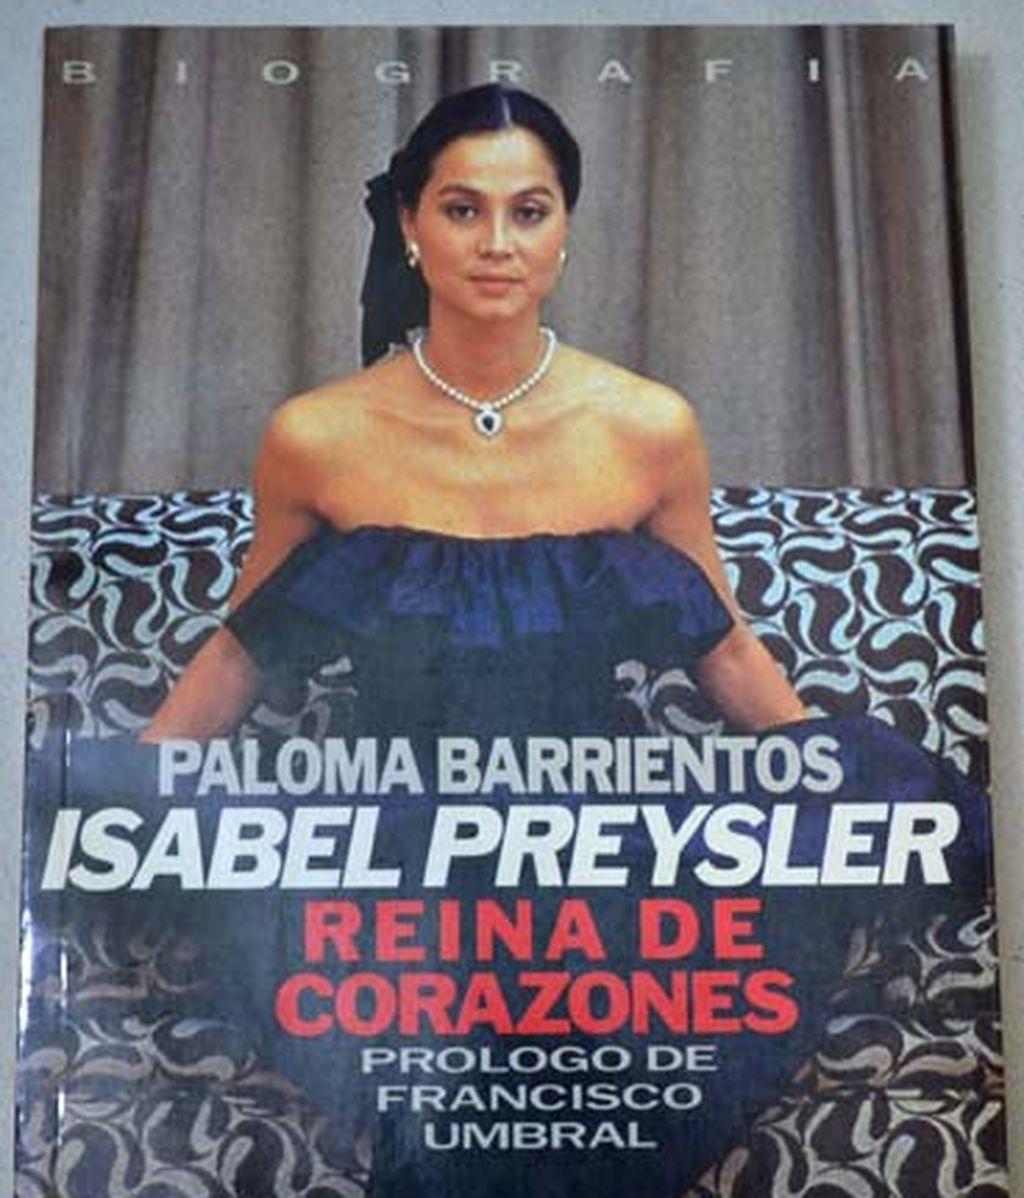 Libro 'Reina de corazones' de Paloma Barrientos